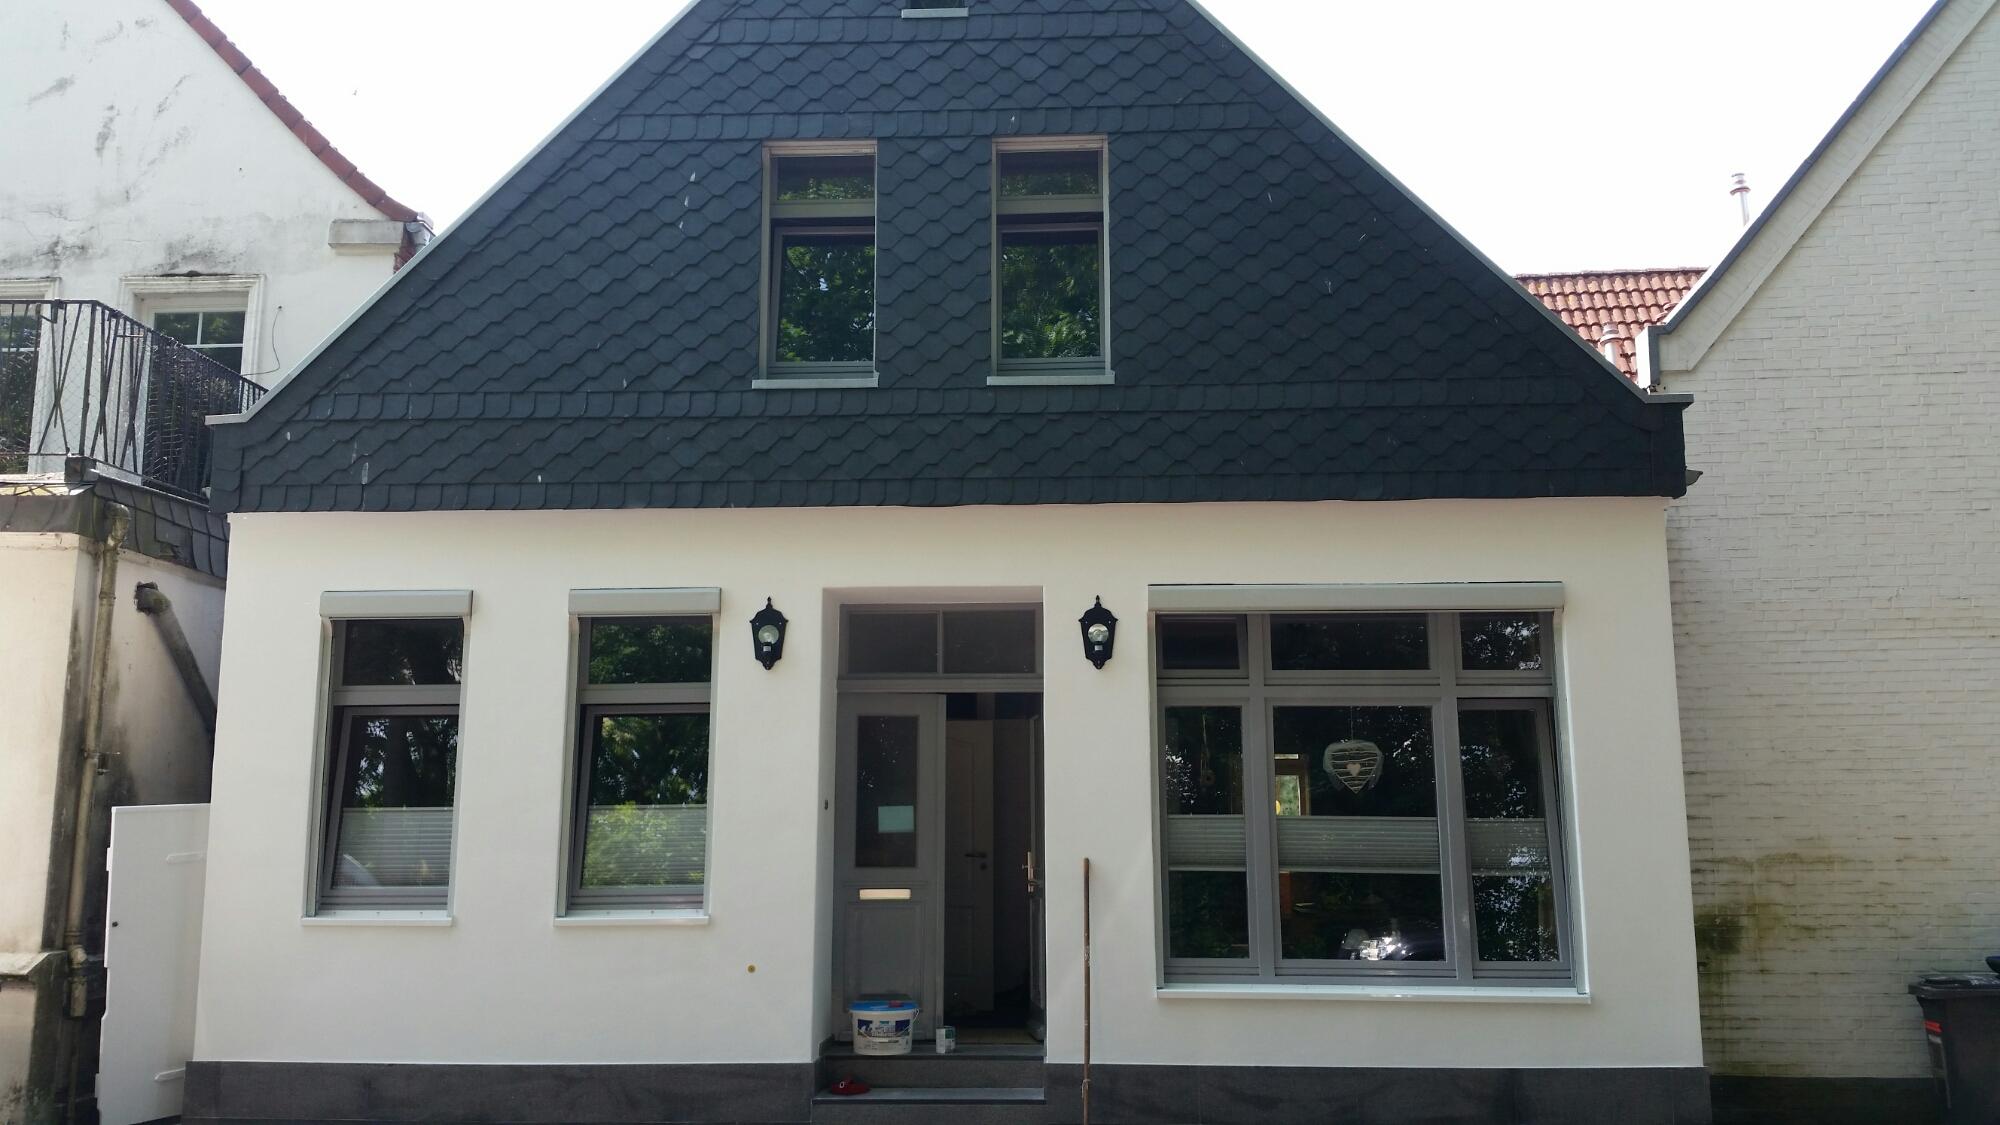 Malerisch Welche Fassadenfarbe Passt Zu Braunen Fenstern Foto Von Fassade Armiert Und Weiß Gestrichen › Direkt